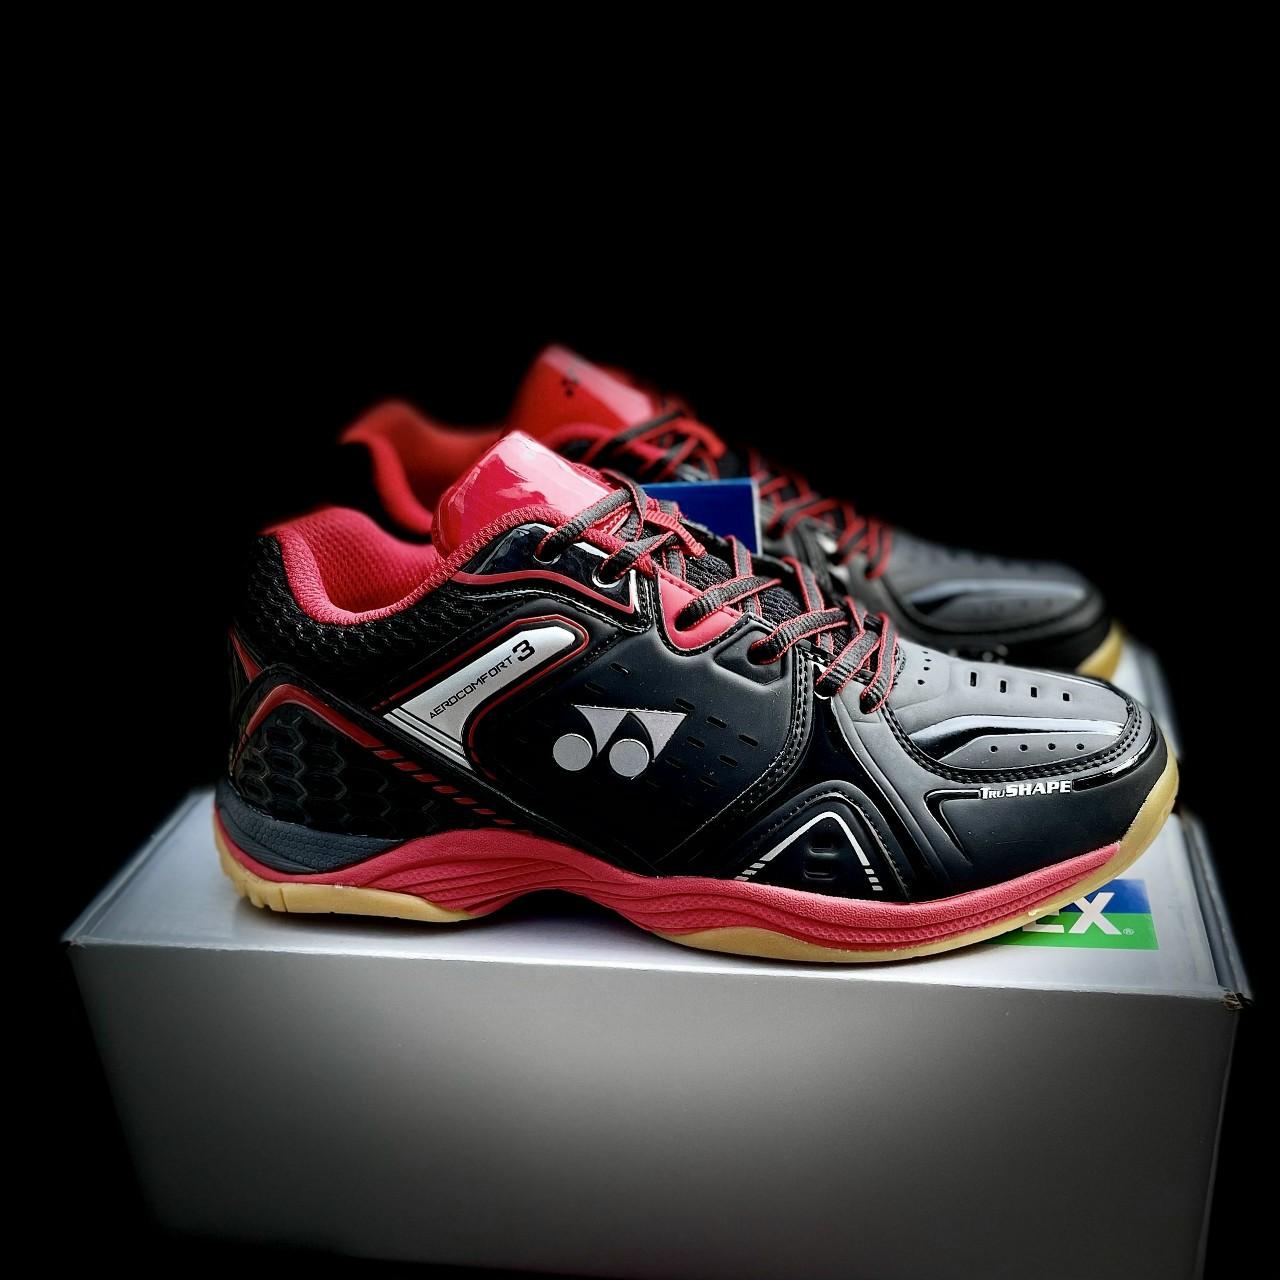 Giày cầu lông Yonex Aerocomfort 3